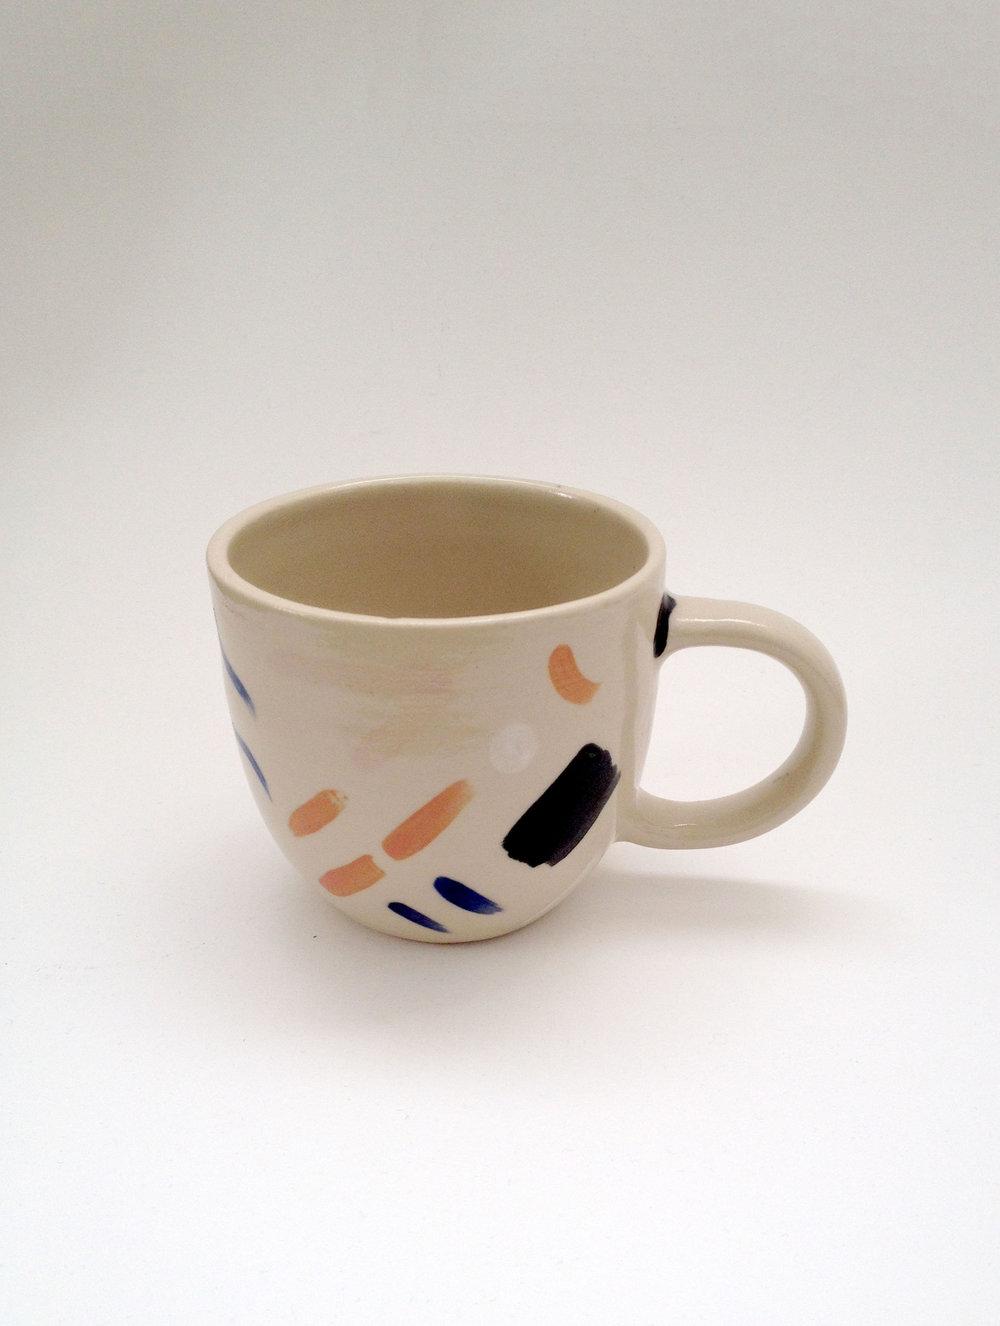 14-mug-shp-03.jpg